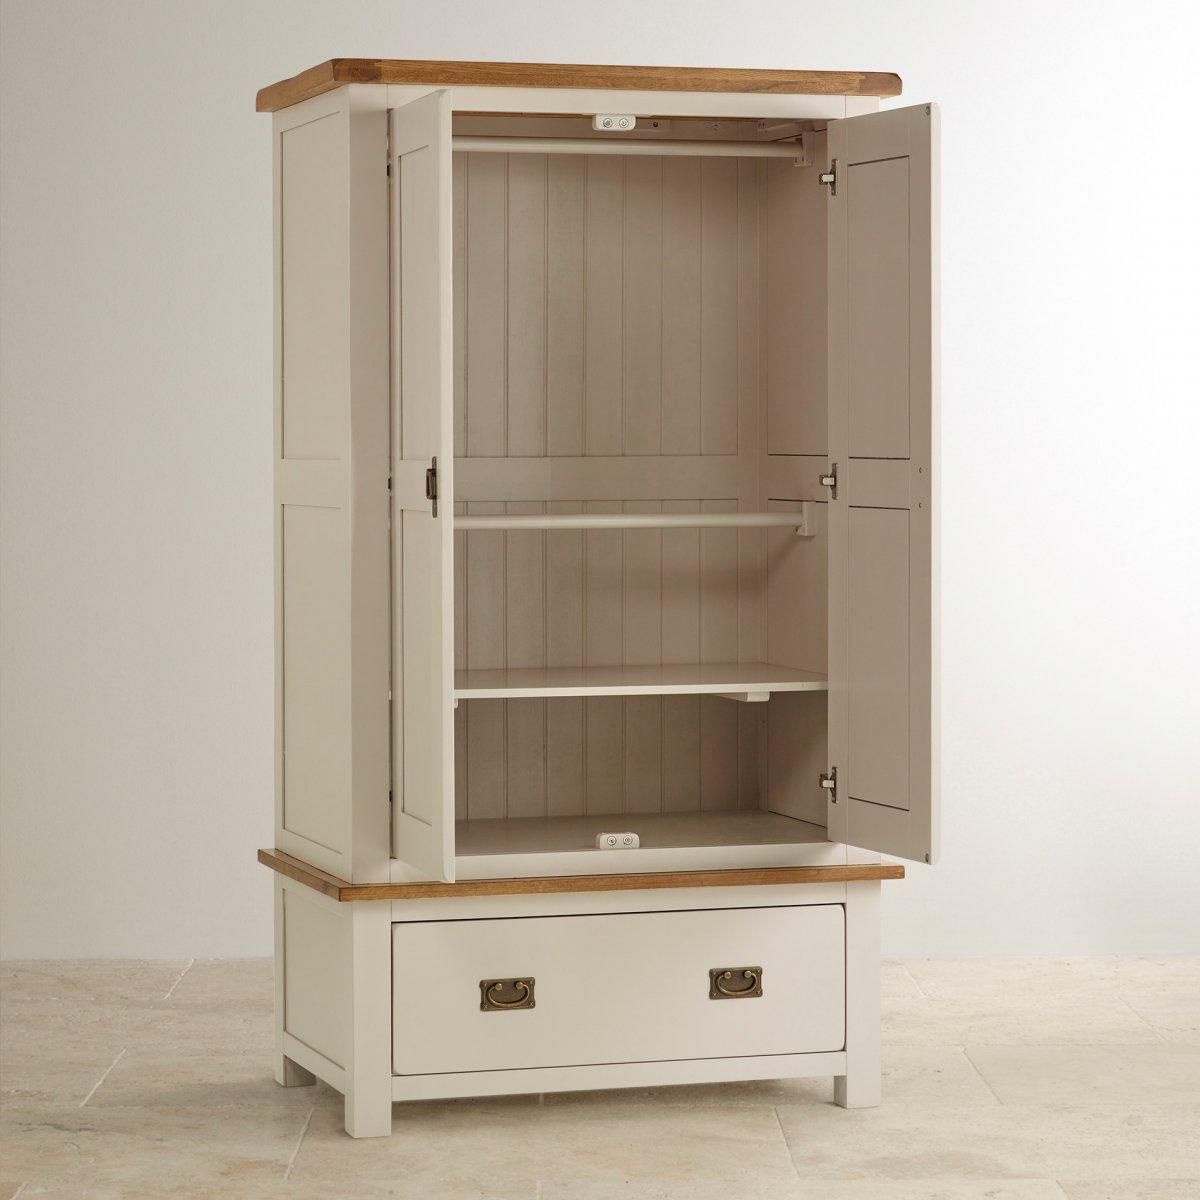 Kemble Nursery Wardrobe in Rustic Solid Oak   Oak Furniture Land